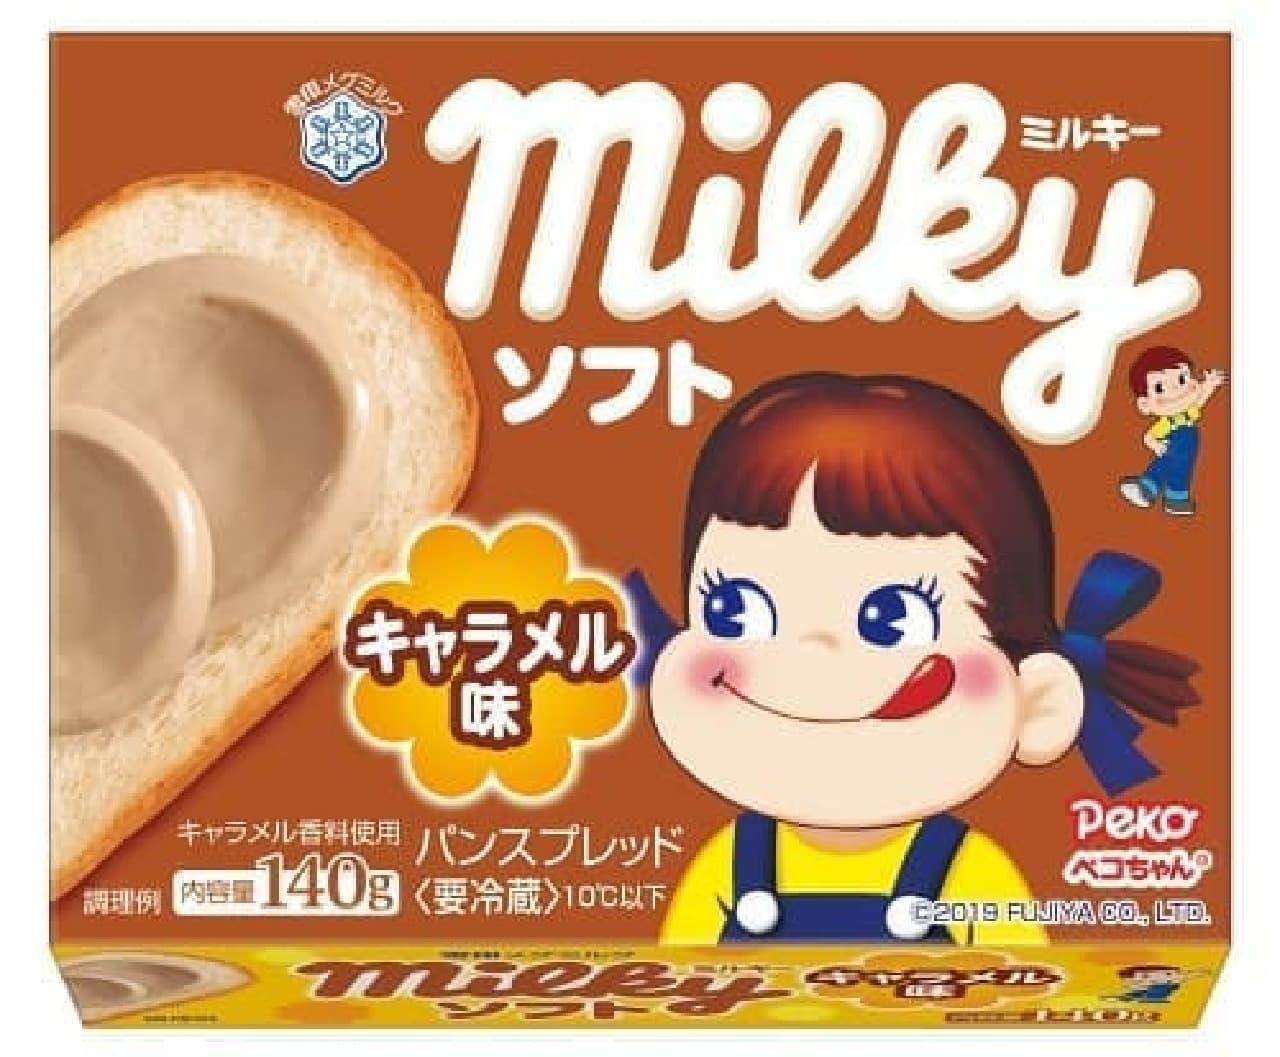 雪印メグミルク「ミルキー ソフト キャラメル味」